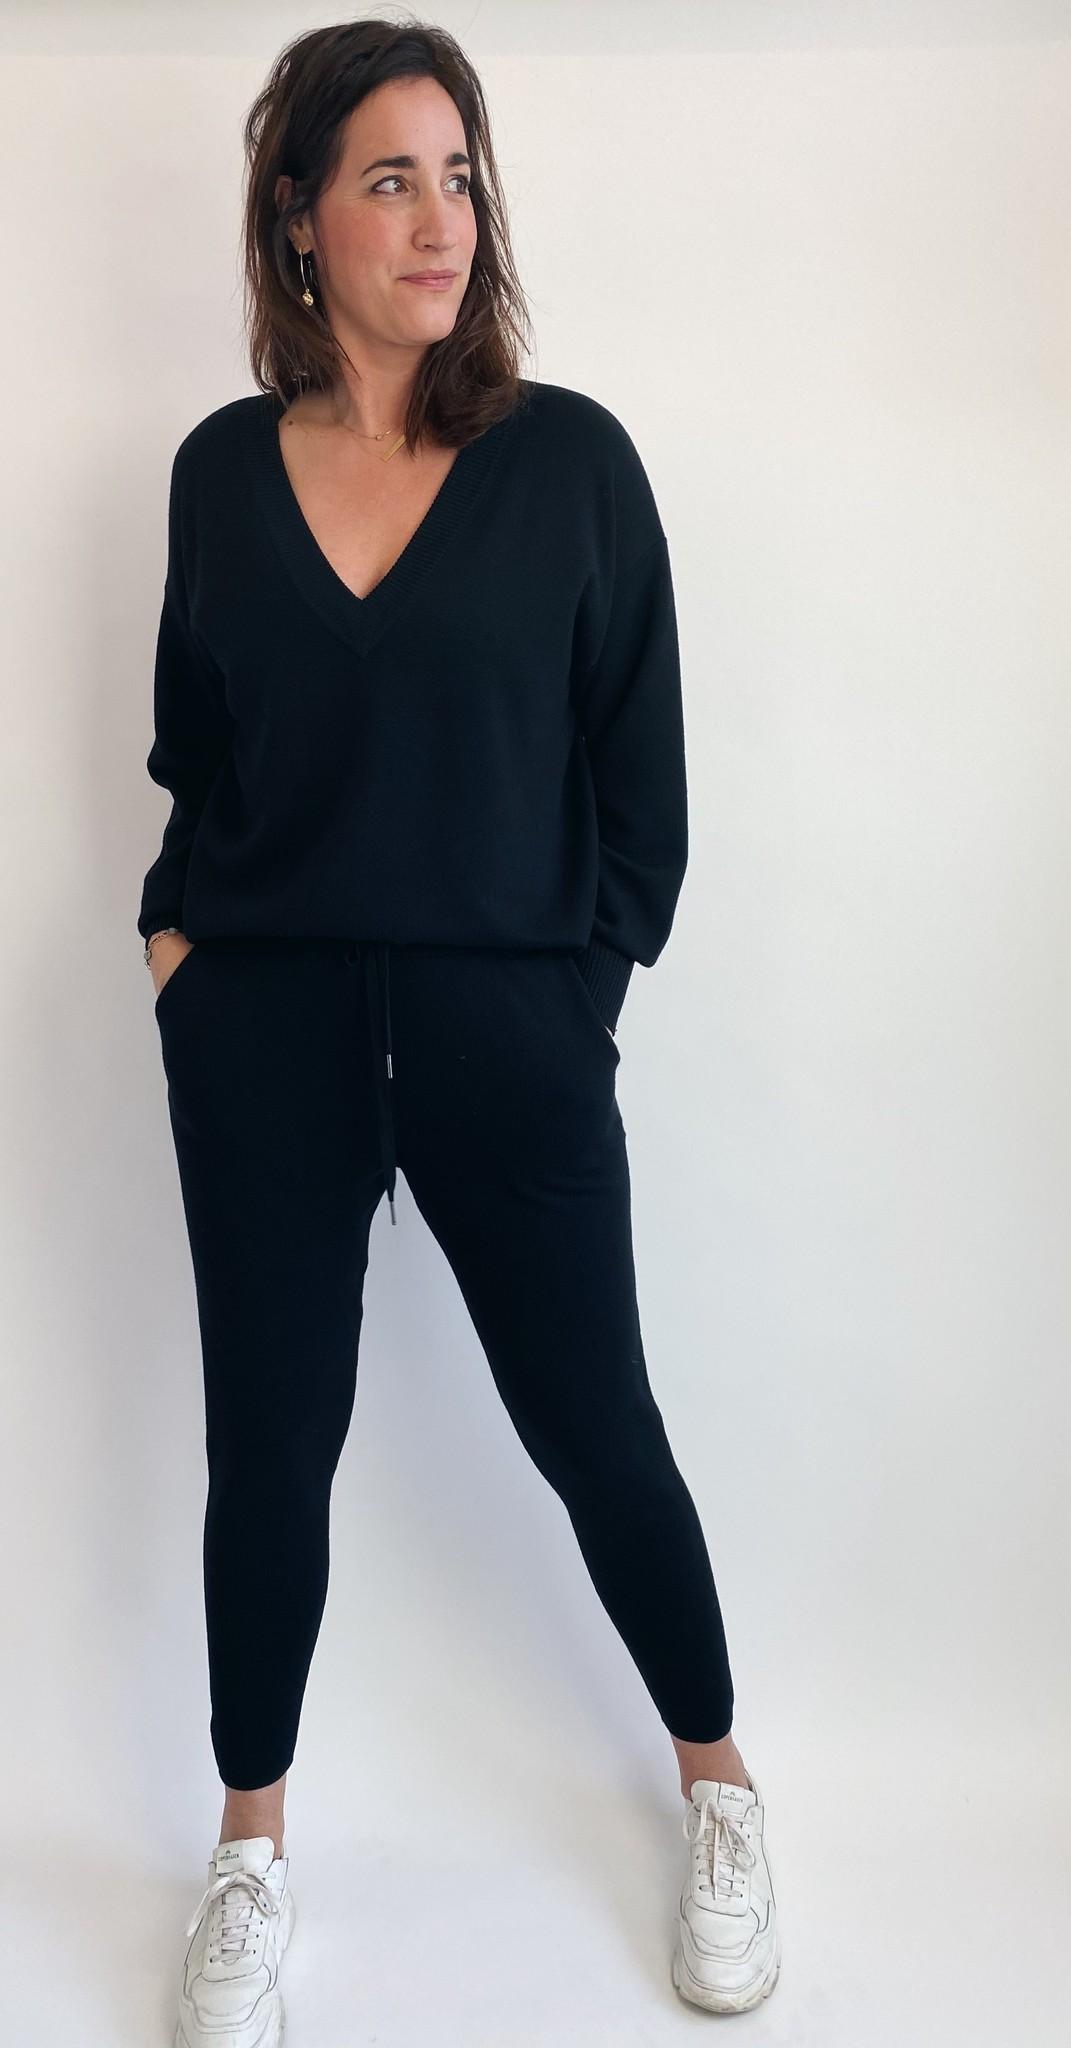 Trui KAkitlyn knit pullover black deep-1